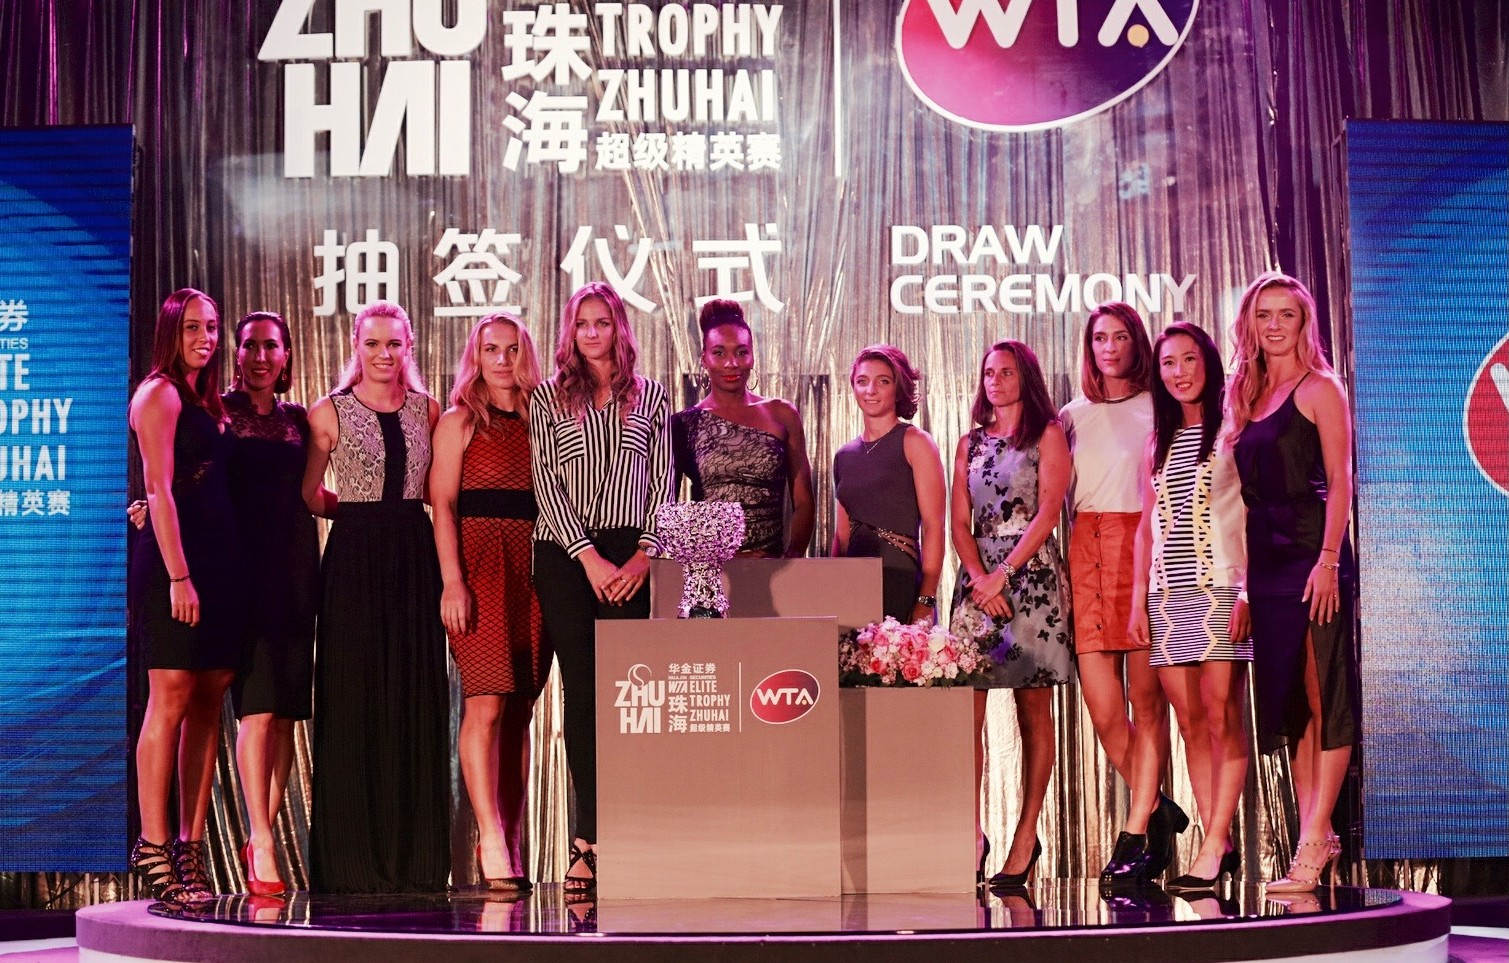 Draw-ceremony-wta-elite-trophy-2015-sara-errani